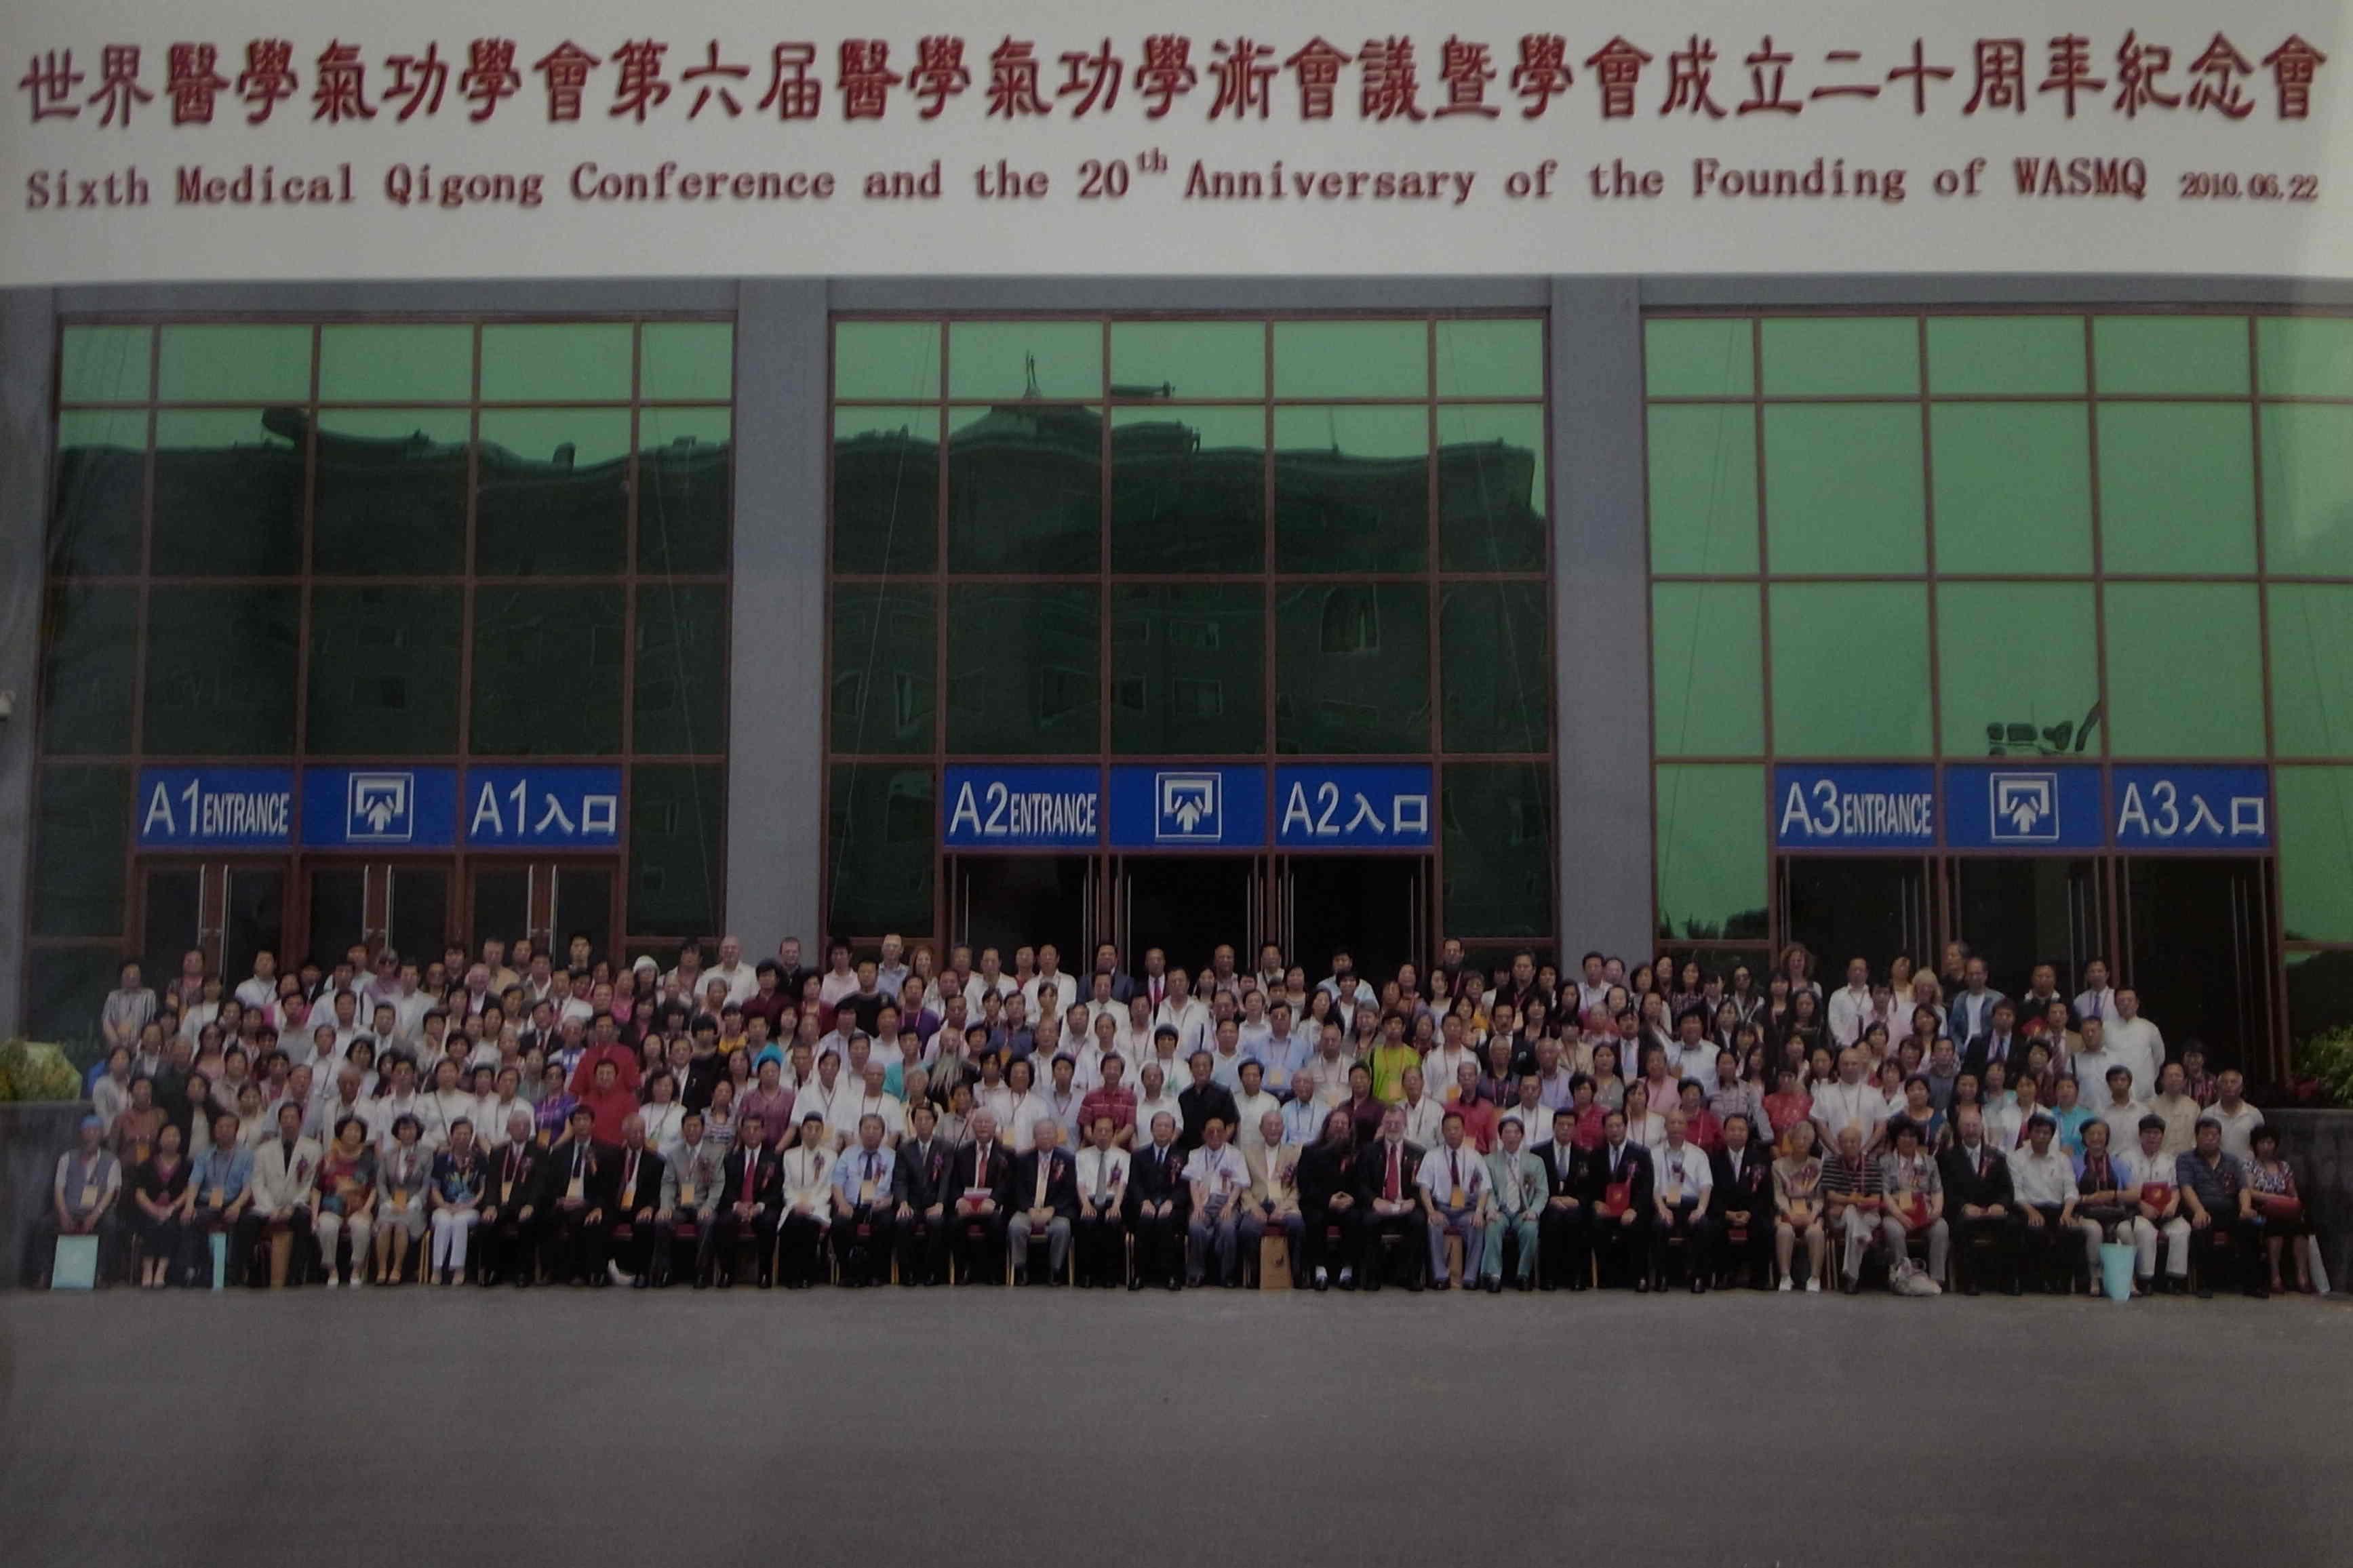 世界医学気功学会 第6回医学気功学術交流会議参加者集合写真